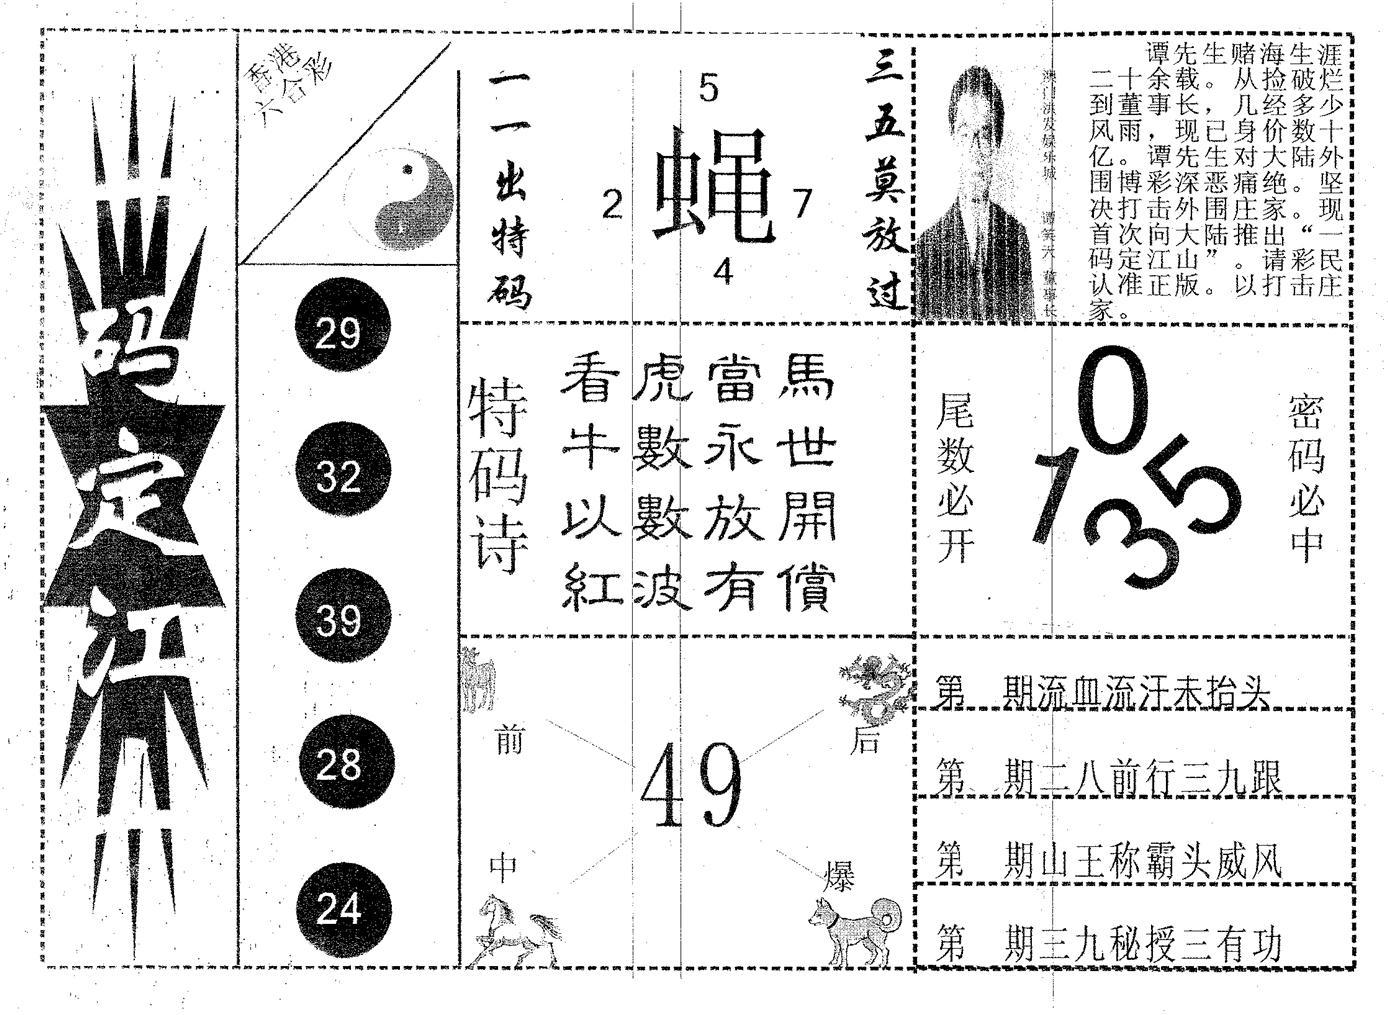 063期一码定江山(黑白)